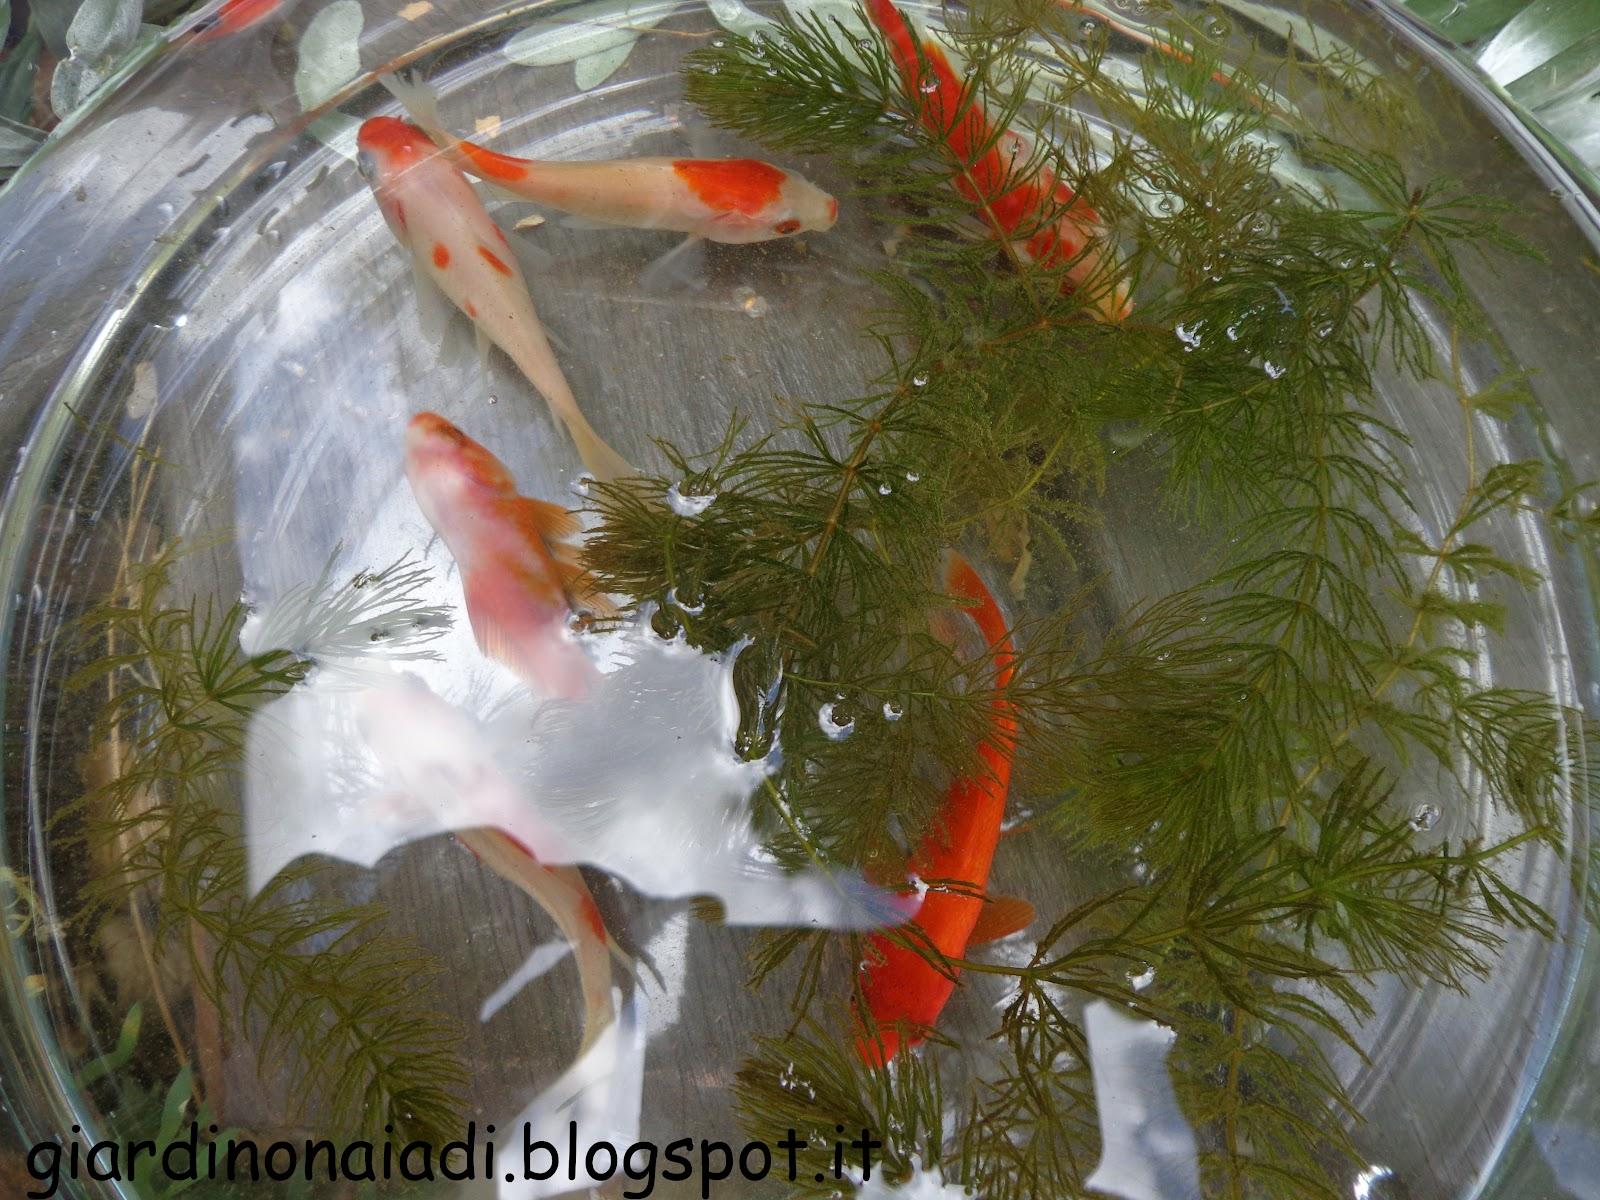 Il giardino delle naiadi carassius auratus pesce rosso for Riproduzione pesci rossi in laghetto